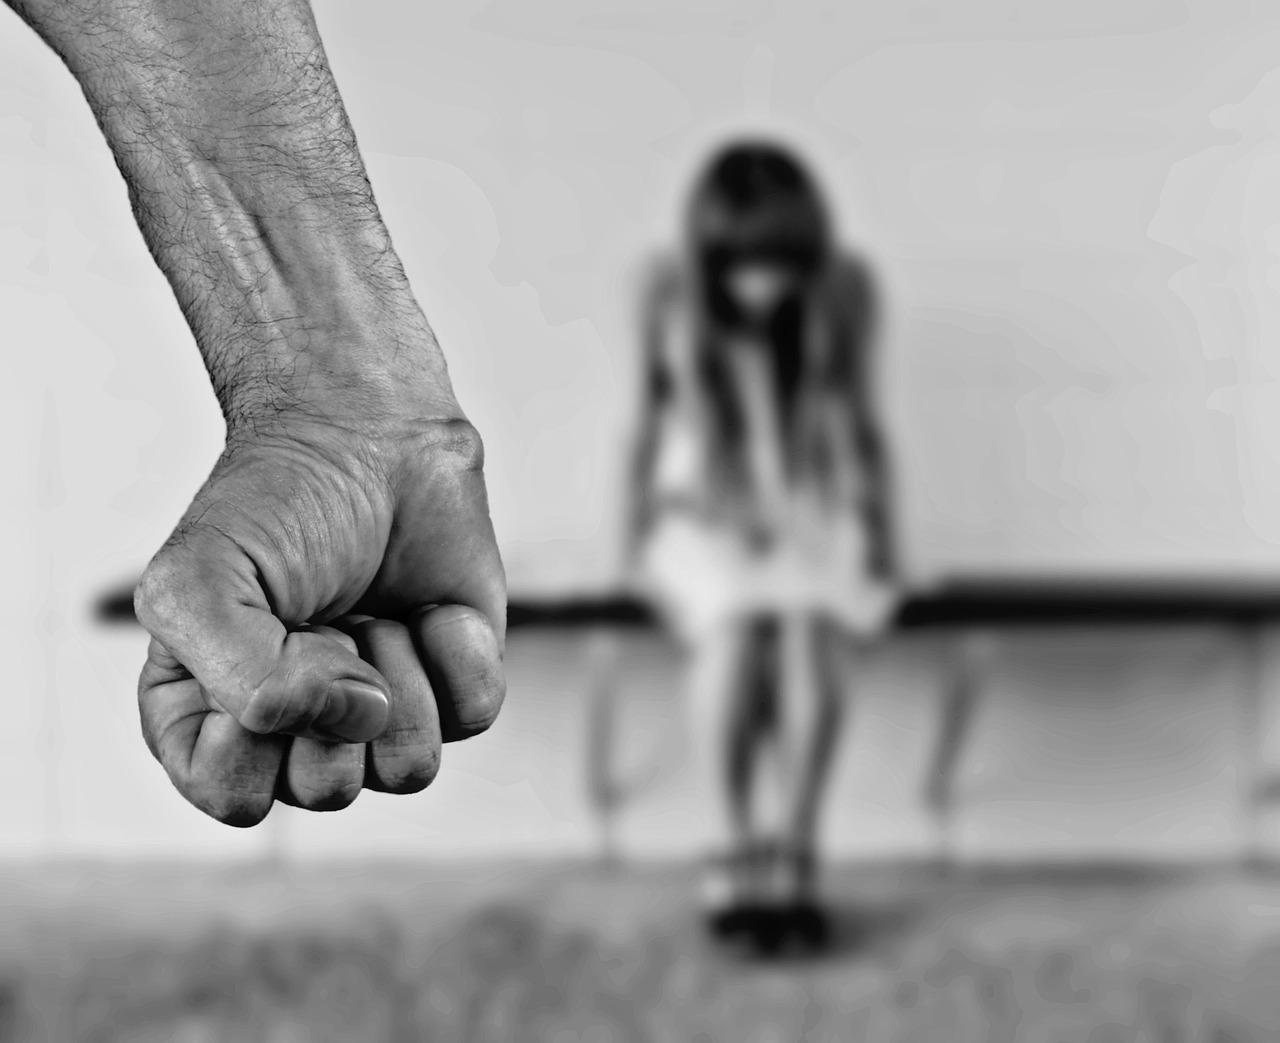 В парламенте Казахстана предложили ужесточить наказание за изнасилования